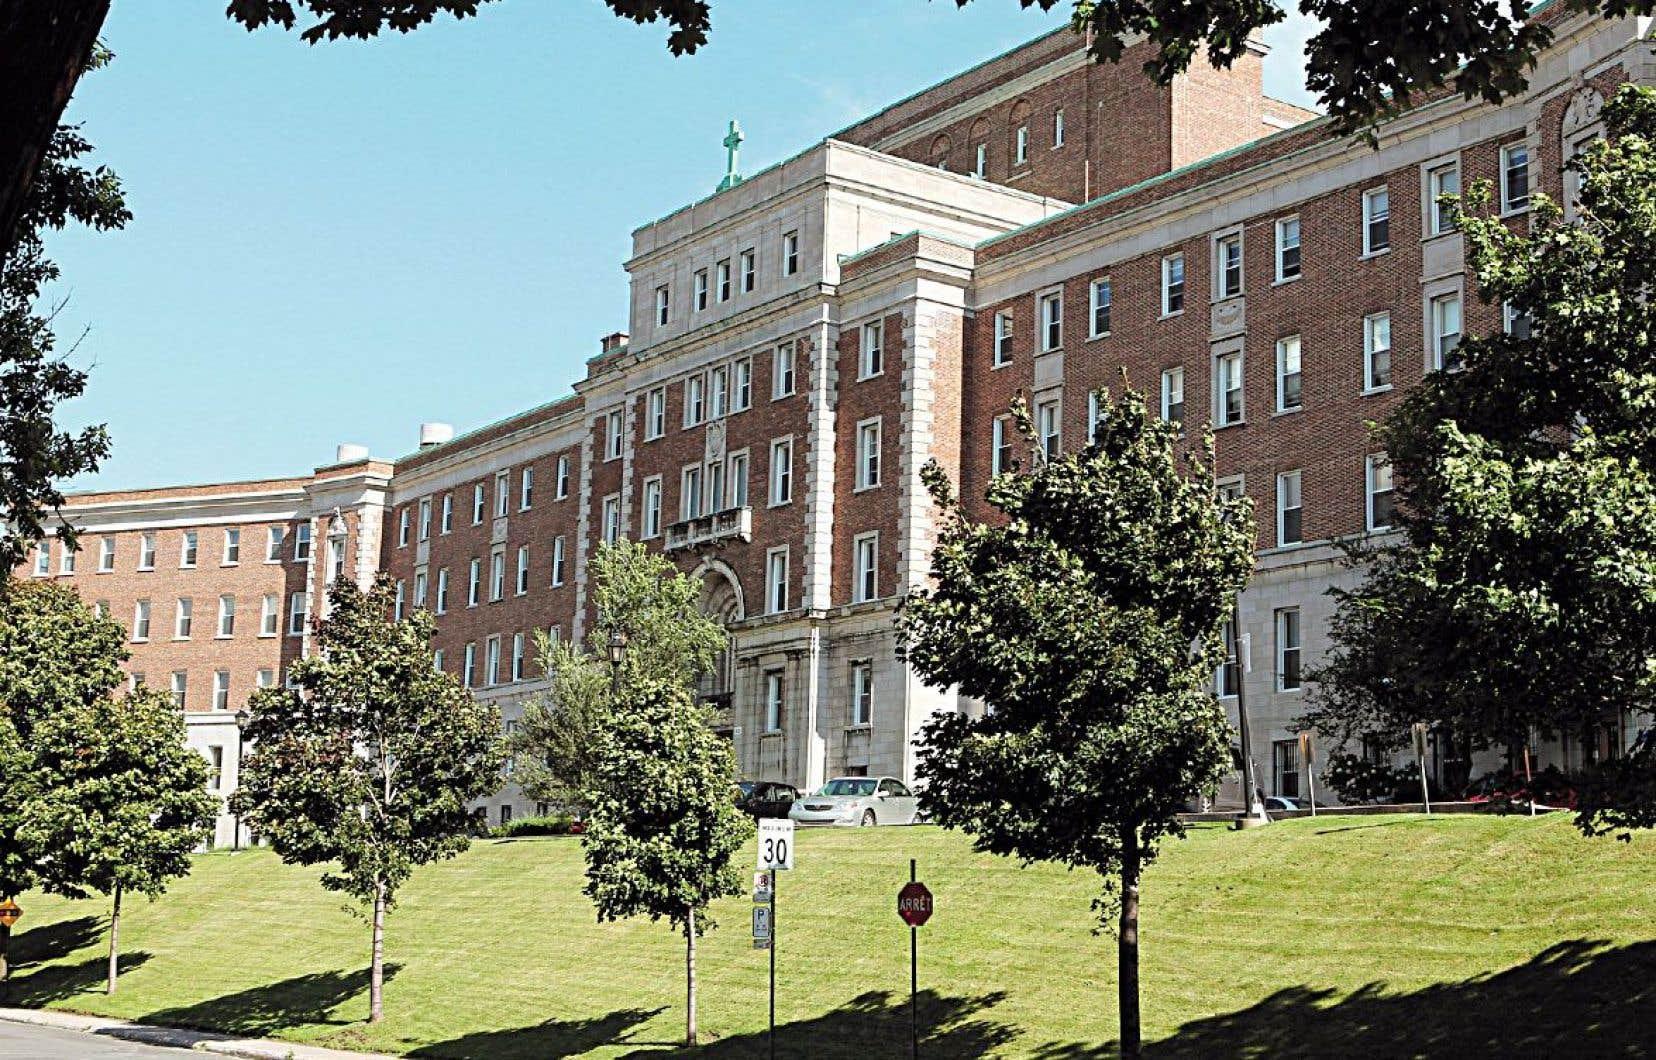 L'ancien couvent des Sœurs des Saints Noms de Jésus et de Marie, qui avait été acquis en 2015 par un promoteur immobilier, est de nouveau à vendre.